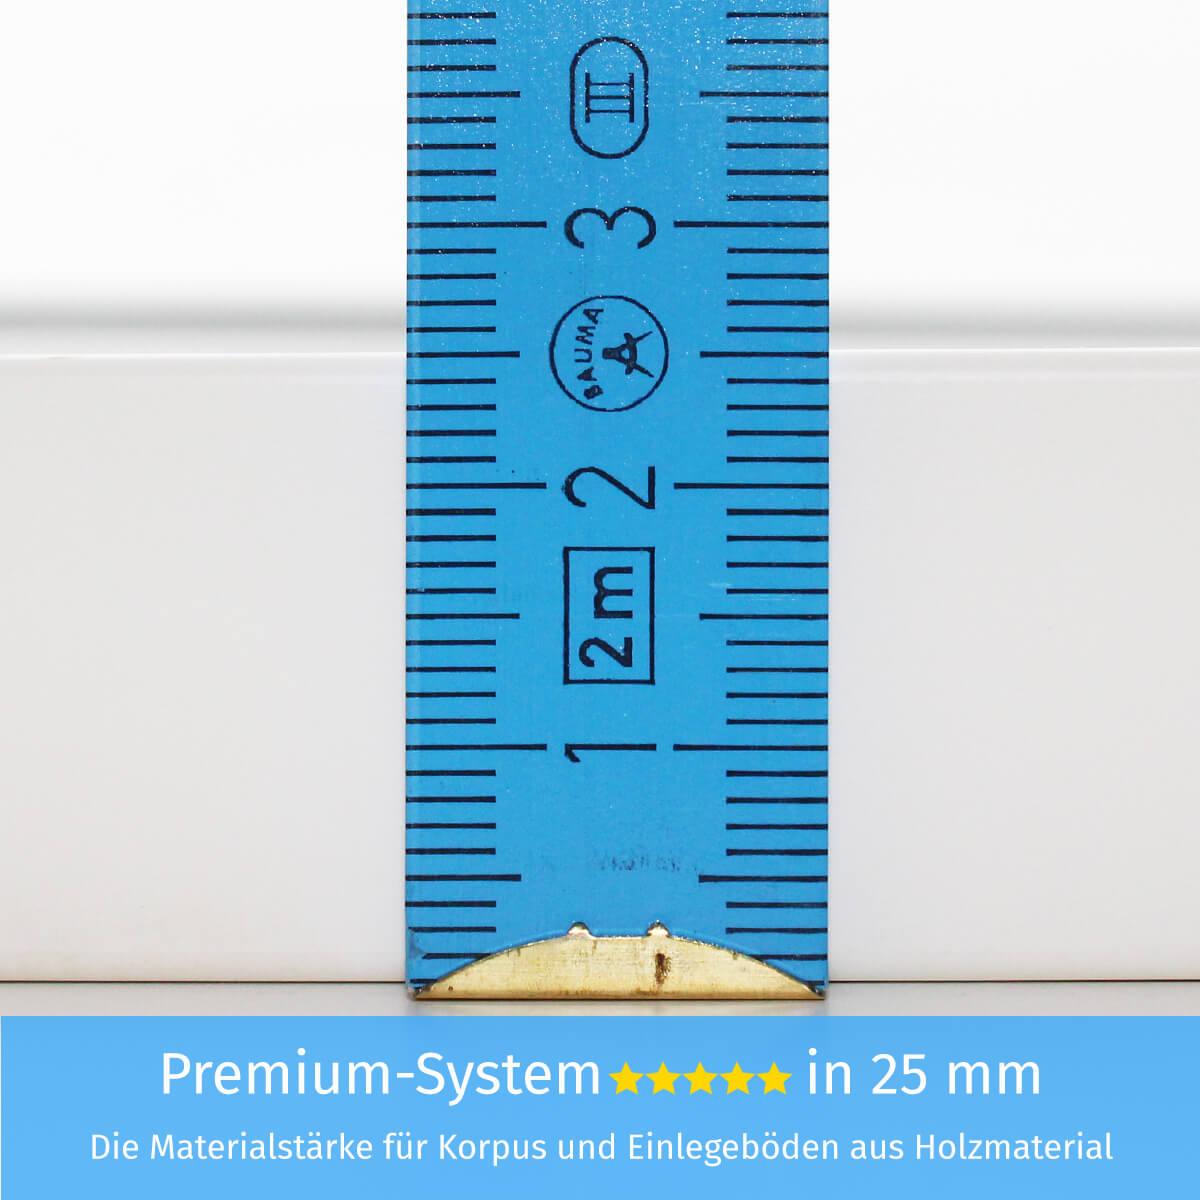 Premium-System in 25 mm